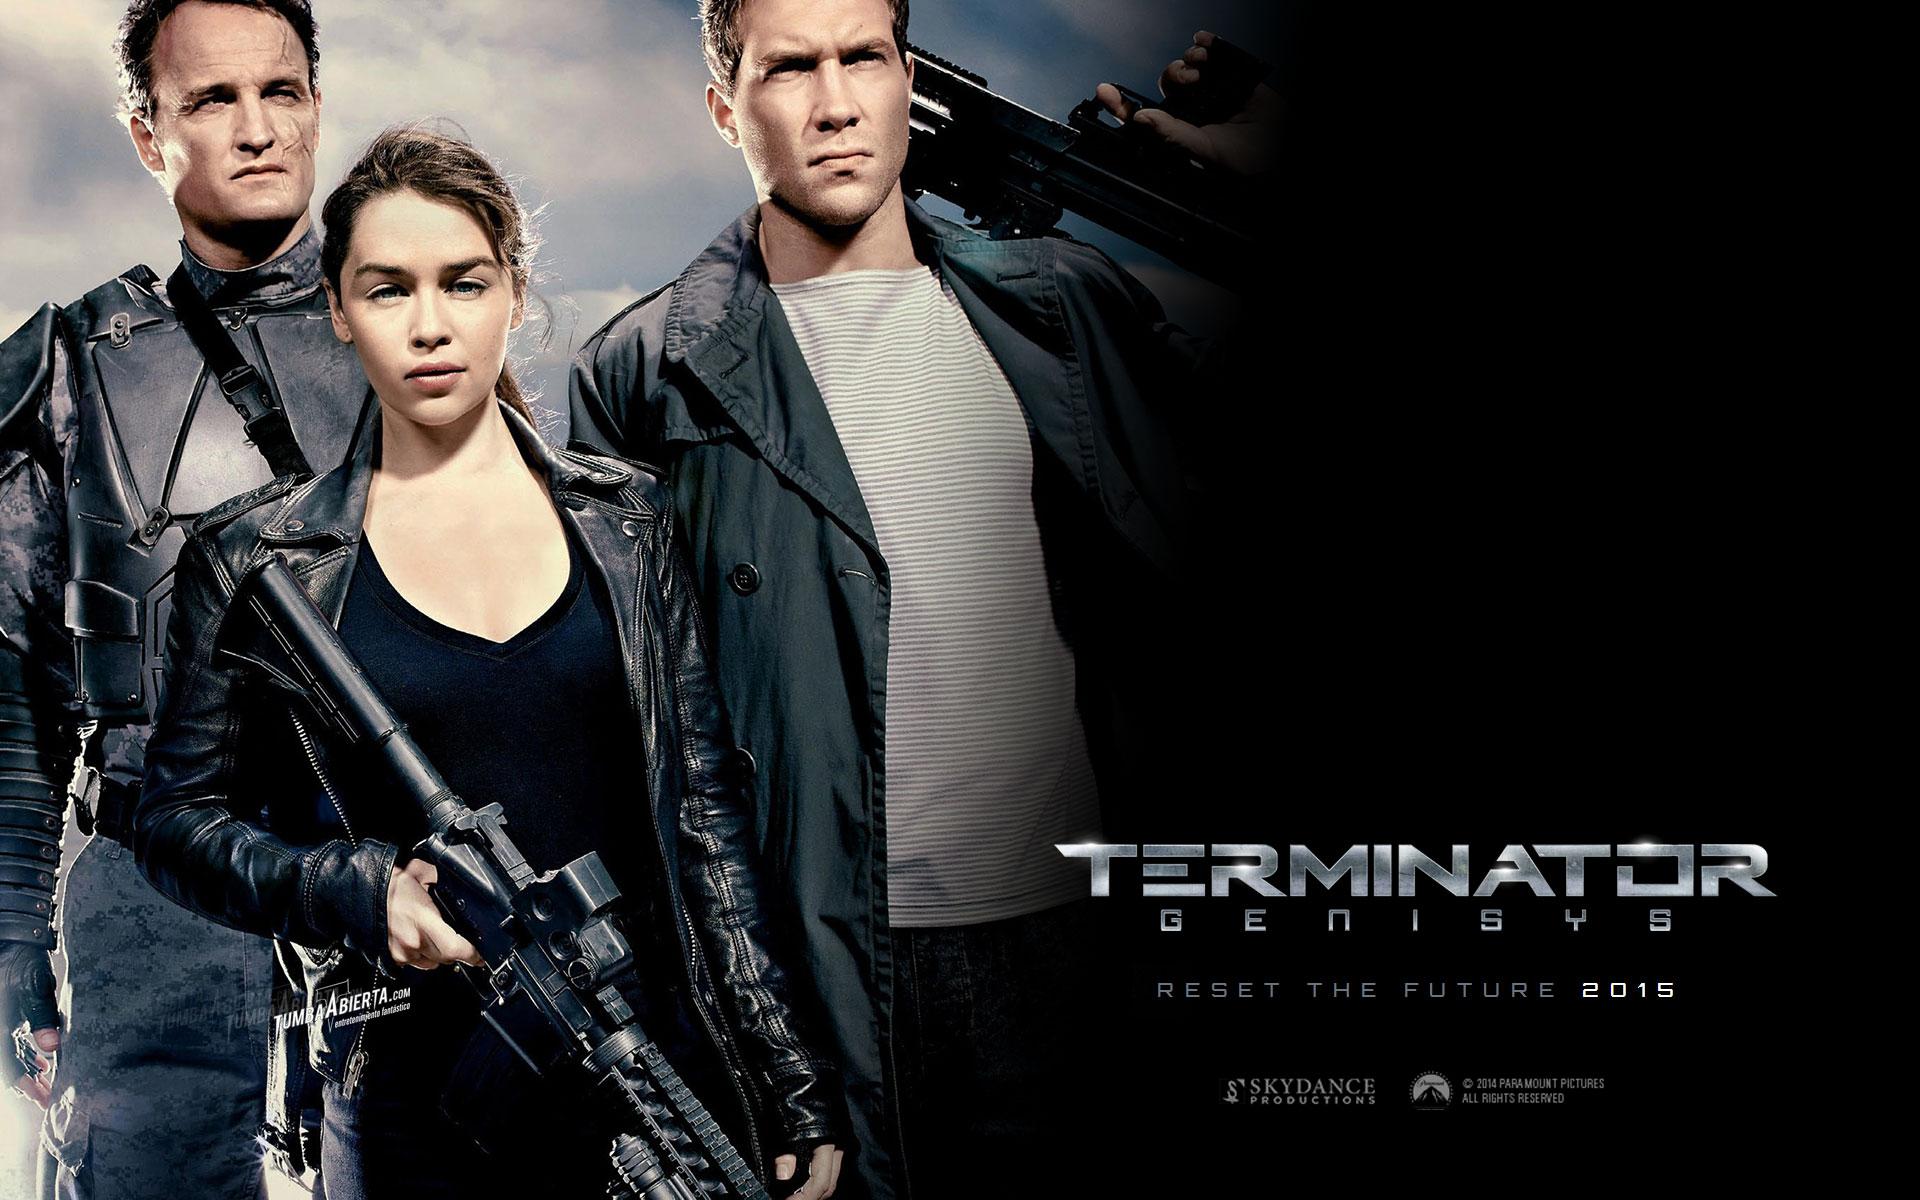 At The Cinemas: TERMINATOR GENISYS